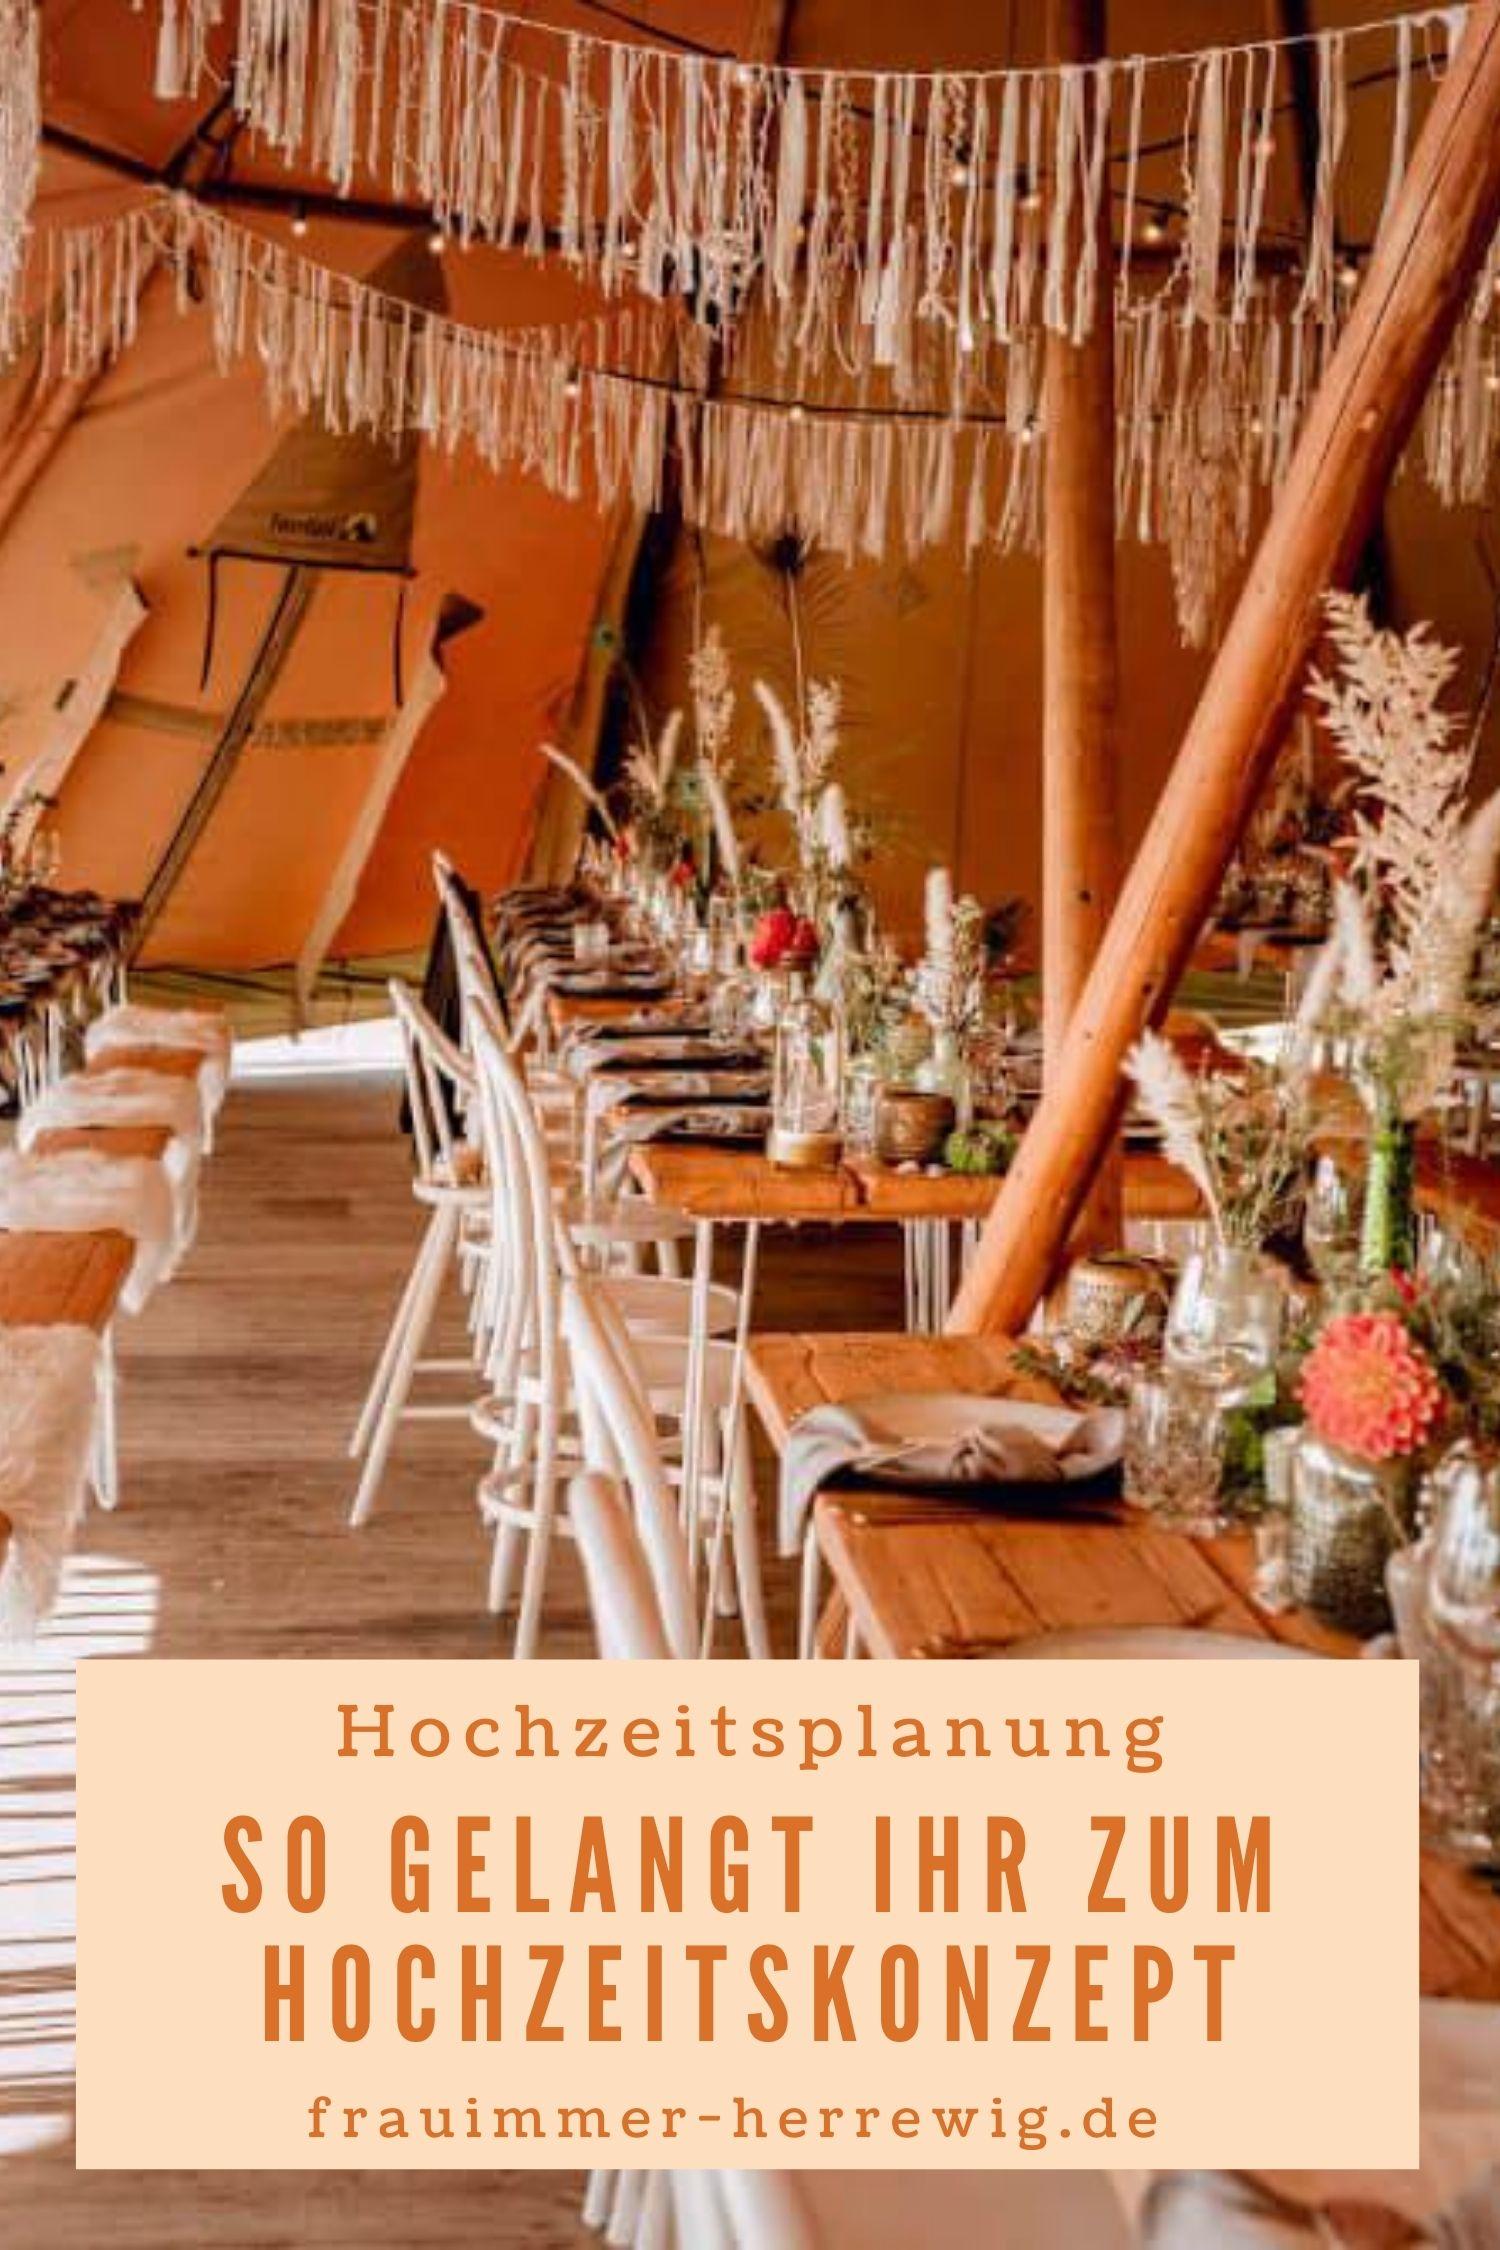 Hochzeitsplanung hochzeitskonzept – gesehen bei frauimmer-herrewig.de